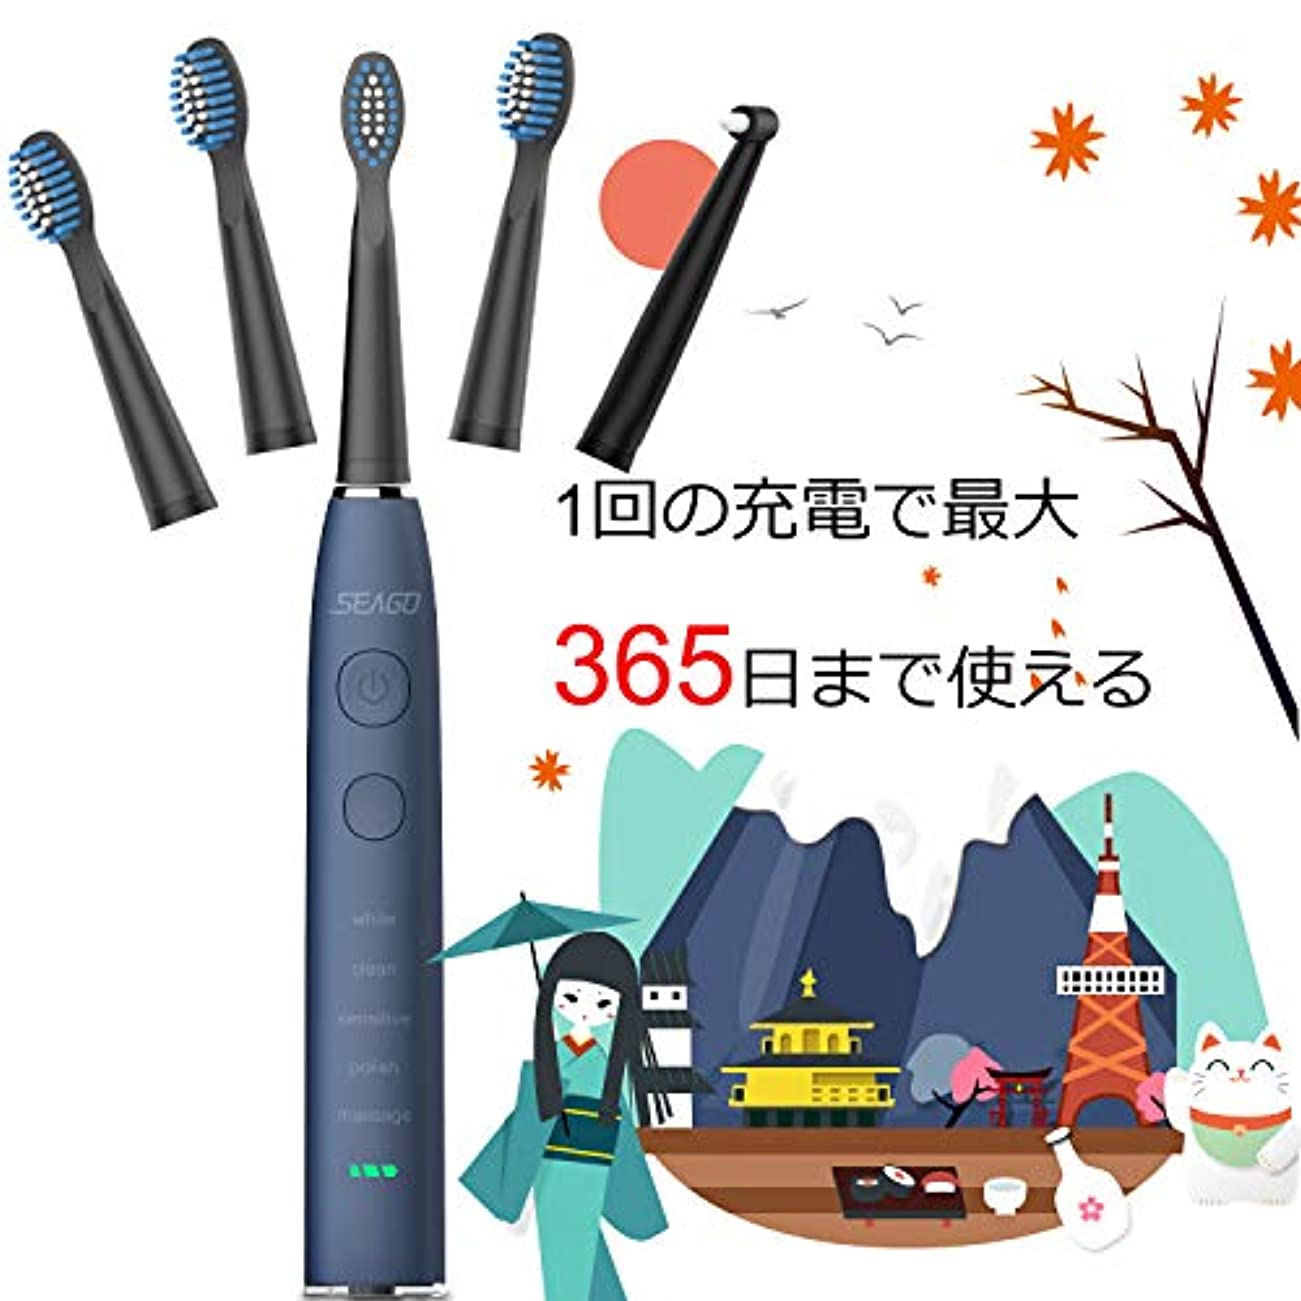 足首劇場文法電動歯ブラシ 歯ブラシ seago 音波歯ブラシ USB充電式8時間 365日に使用 IPX7防水 五つモードと2分オートタイマー機能搭載 替えブラシ5本 12ヶ月メーカー保証 SG-575(ブルー)